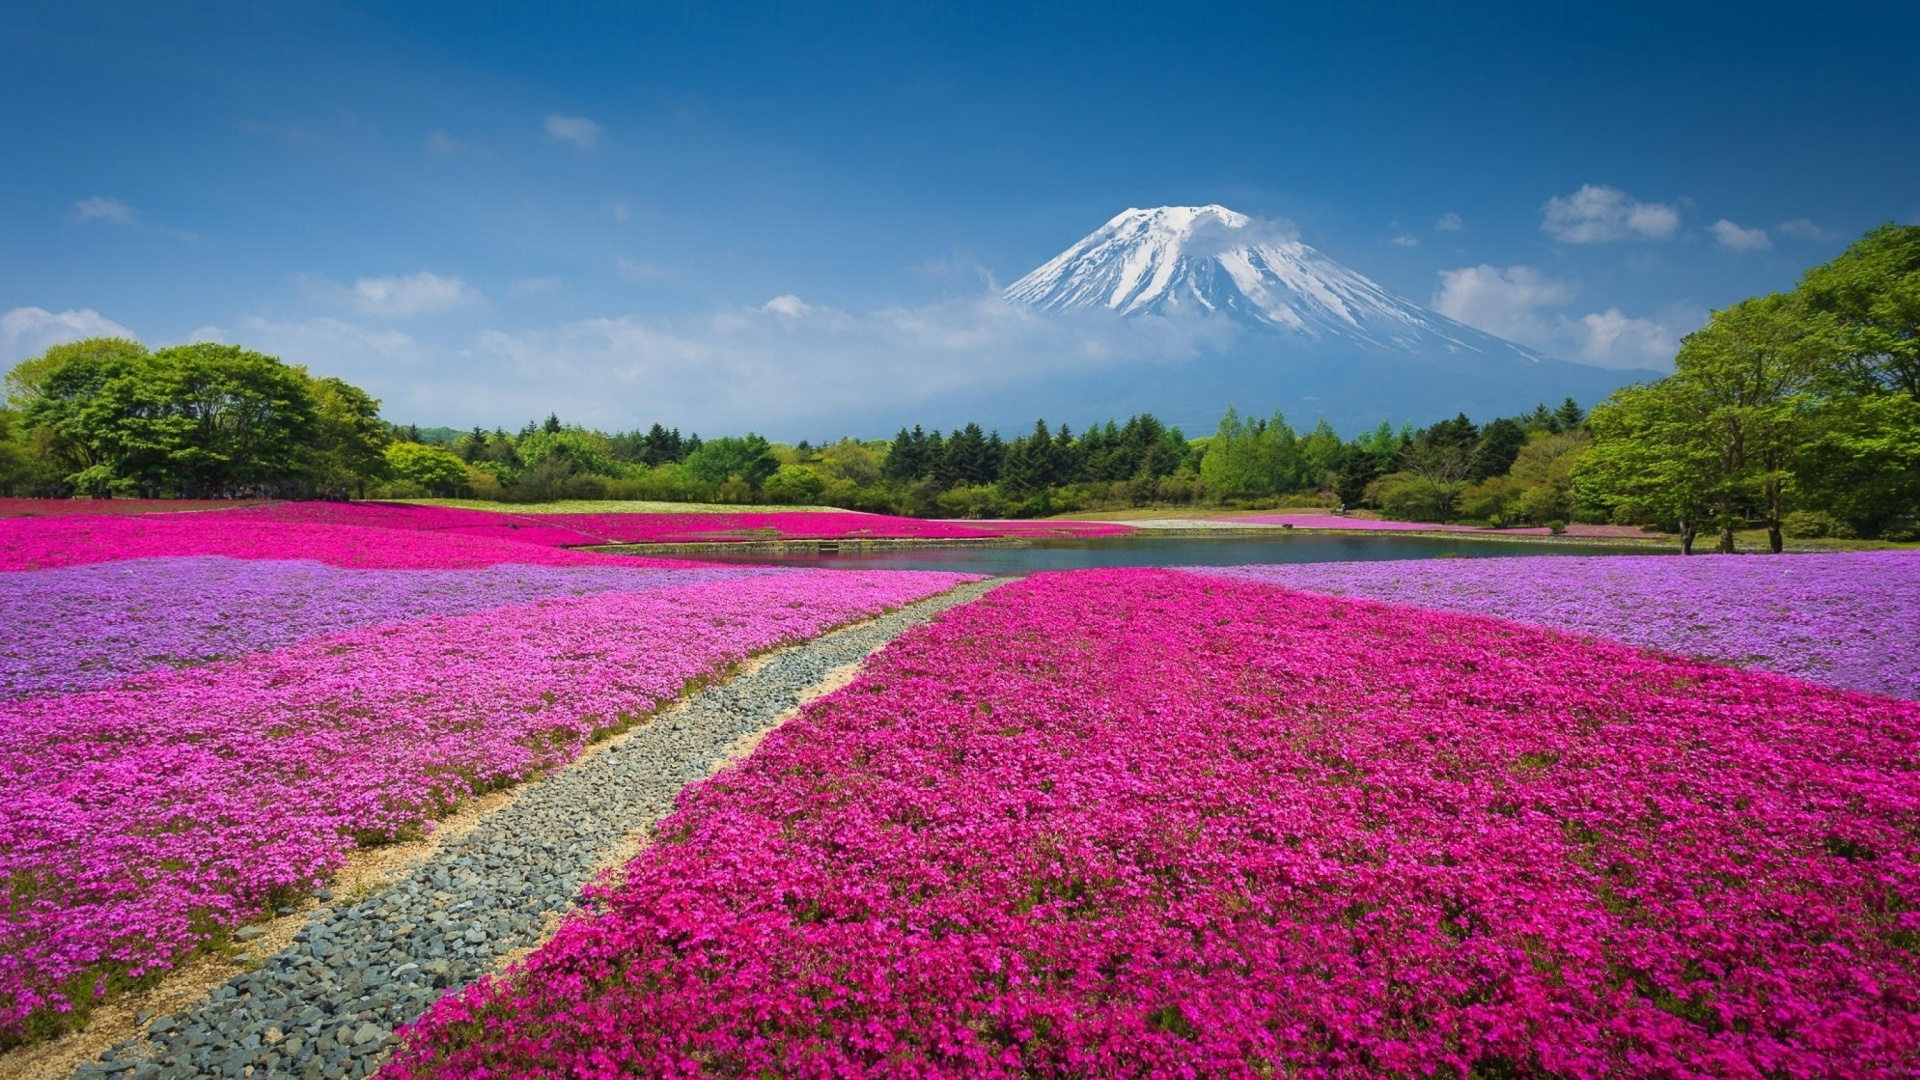 Japanese volcano in spring wallpaper for desktop 1920x1080 for Immagini gratis per desktop primavera